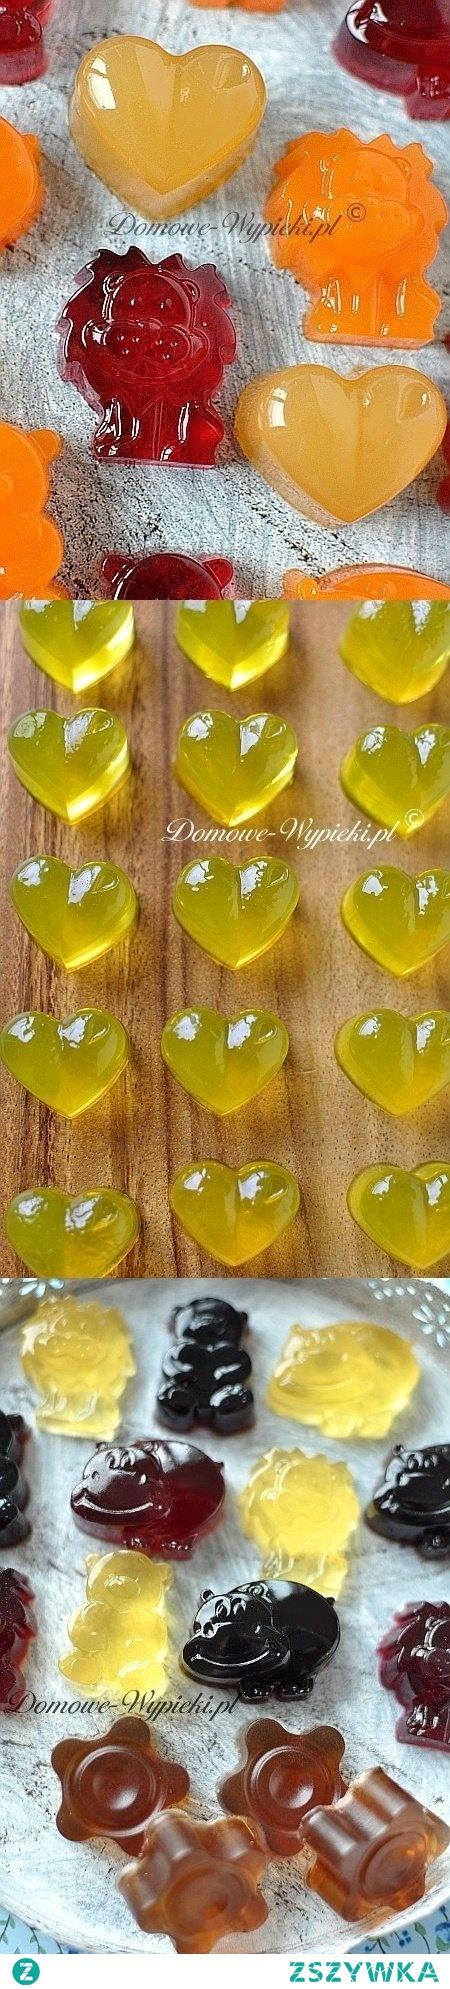 Domowe żelki  Żelki z soku owocowego  Składniki:  100ml dowolnego soku owocowego 6 łyżeczek żelatyny w proszku (lub 8 listków żelatyny) 1- 2 łyżki soku z cytryny 1 łyżka cukru (mniej lub więcej do smaku)  Sposób przygotowania:  Żelatynę wsypać do niedużego garnka. Zalać sokiem owocowym i pozostawić na 5- 10min, do napęcznienia. Gdy żelatyna napęcznieje, dodać sok z cytryny i podgrzewać mieszając, aż żelatyna się rozpuści. Dosłodzić do smaku i wymieszać, aby cukier się rozpuścił. Płyn rozlać do formy silikonowej na pralinki, pozostawić do ostygnięcia, a następnie wstawić formę do lodówki na co najmniej 1 godz. (a najlepiej parę godzin), aż płyn dobrze stężeje.  elki z syropu owocowego  Składniki:  50ml syropu owocowego 50ml wody 6 łyżeczek żelatyny w proszku (lub 8 listków żelatyny) 1- 2 łyżki soku z cytryny  Sposób przygotowania:  Żelatynę wsypać do niedużego garnka. Zalać zimną wodą i pozostawić na 5- 10min, do napęcznienia. Gdy żelatyna napęcznieje, podgrzewać mieszając, aż żelatyna się rozpuści. W drugim garnuszku podgrzać syrop z sokiem z cytryny. Gorący syrop połączyć z rozpuszczoną żelatyną. Płyn rozlać do formy silikonowej na pralinki, pozostawić do ostygnięcia, a następnie wstawić formę do lodówki na co najmniej 1 godz. (a najlepiej parę godzin), aż płyn dobrze stężeje.  Żelki herbaciane  Składniki:  100ml zaparzonej czarnej herbaty 2 łyżki soku z cytryny 1 łyżka cukru 6 łyżeczek żelatyny w proszku (lub 8 listków żelatyny)  Sposób przygotowania:  Herbatę wymieszać z cukrem i sokiem z cytryny. Ostudzić. Żelatynę wsypać do niedużego garnka. Zalać zimną herbatą i pozostawić na 5- 10min, do napęcznienia. Gdy żelatyna napęcznieje, podgrzewać mieszając, aż żelatyna się rozpuści. Płyn rozlać do formy silikonowej na pralinki, pozostawić do ostygnięcia, a następnie wstawić formę do lodówki na co najmniej 1 godz. (a najlepiej parę godzin), aż płyn dobrze stężeje.  Żelki colowe  Składniki:  100ml odgazowanej coca- coli 1 łyżka cukru 6 łyżeczek żelatyny w proszku (lub 8